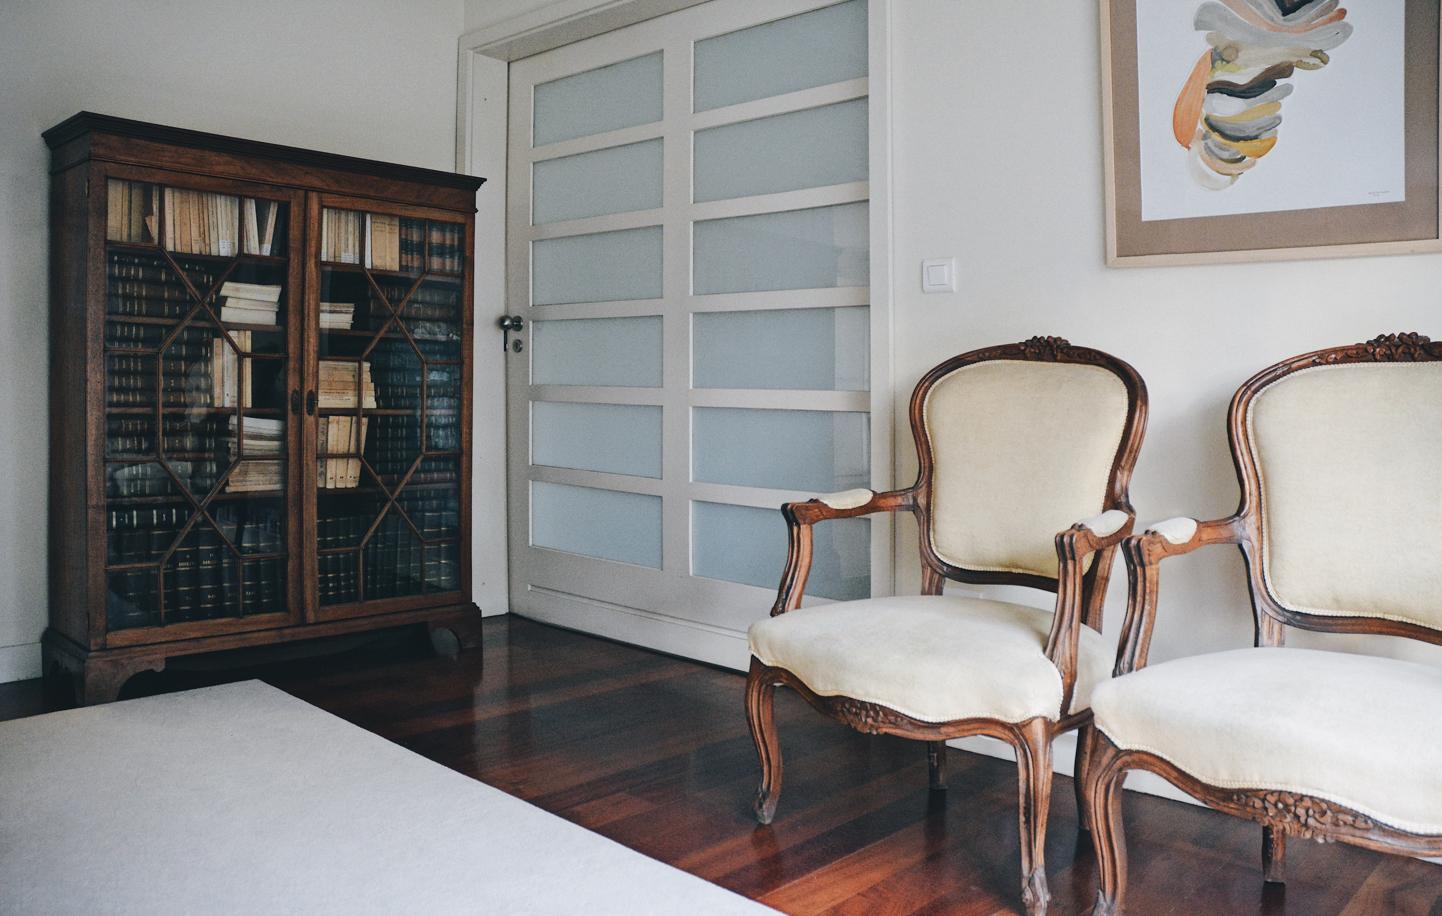 Canto de escritório com cadeiras e armário.